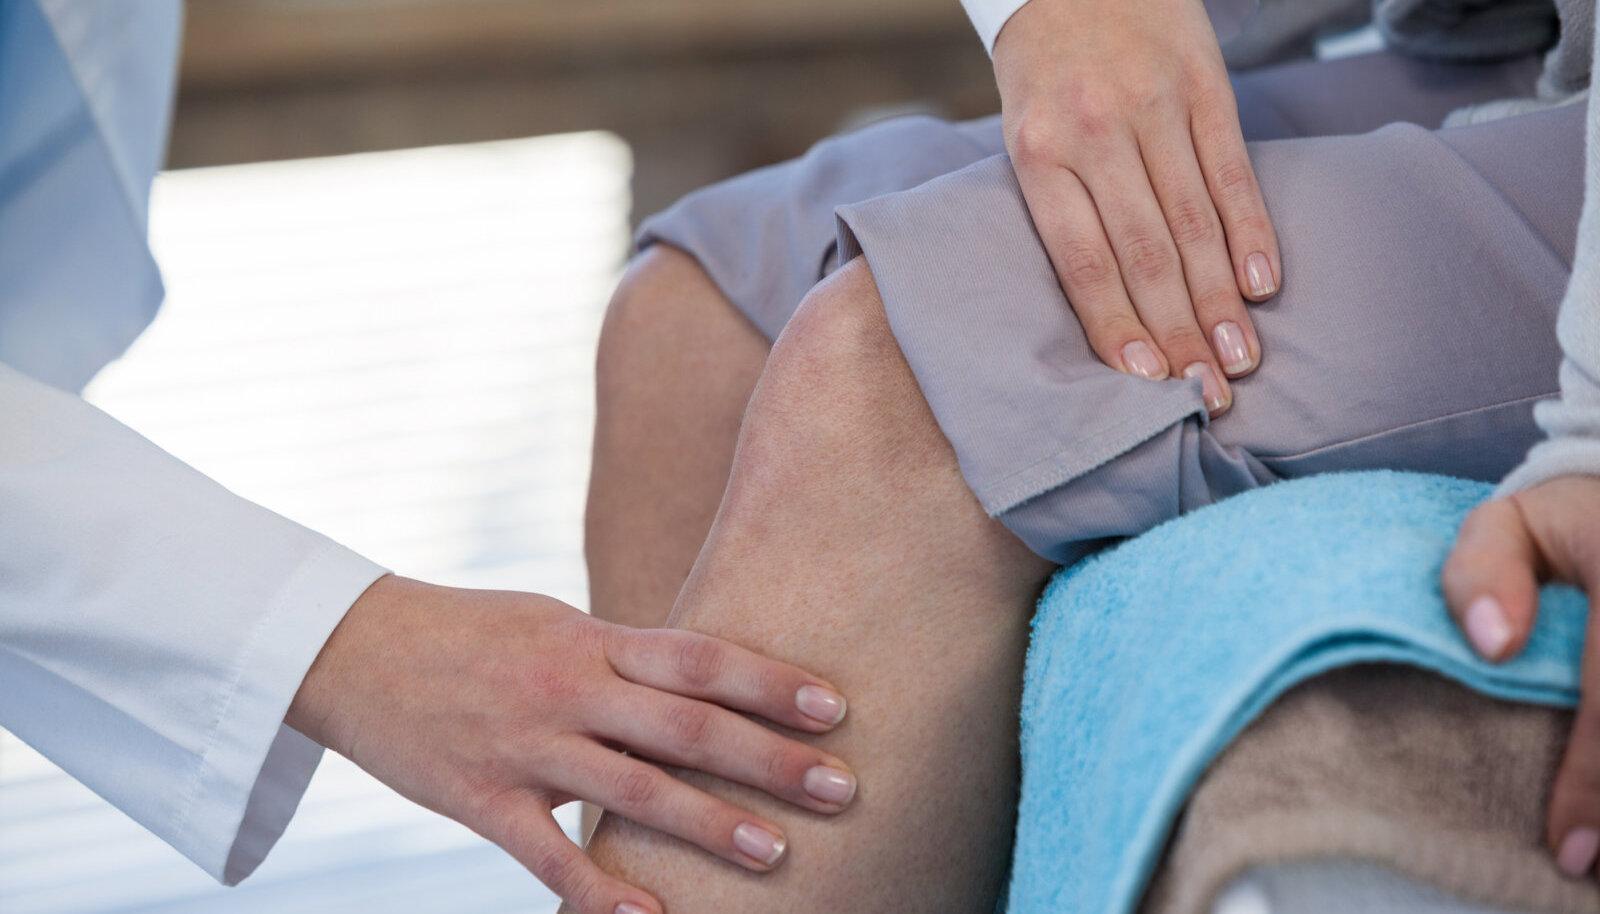 Turgi salvid liigestele Anesteetiline osteokondrose